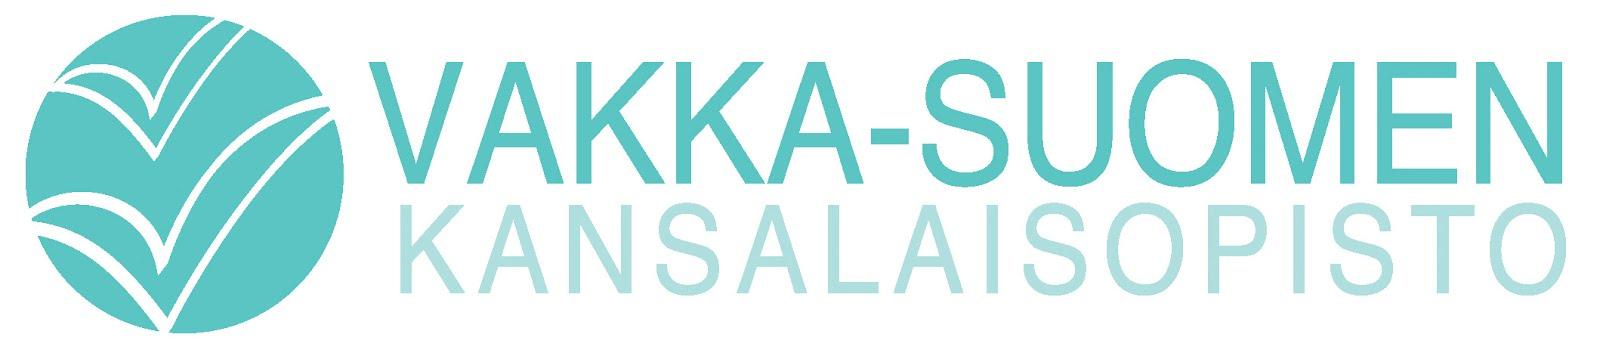 Vakka-Suomen kansalaisopisto